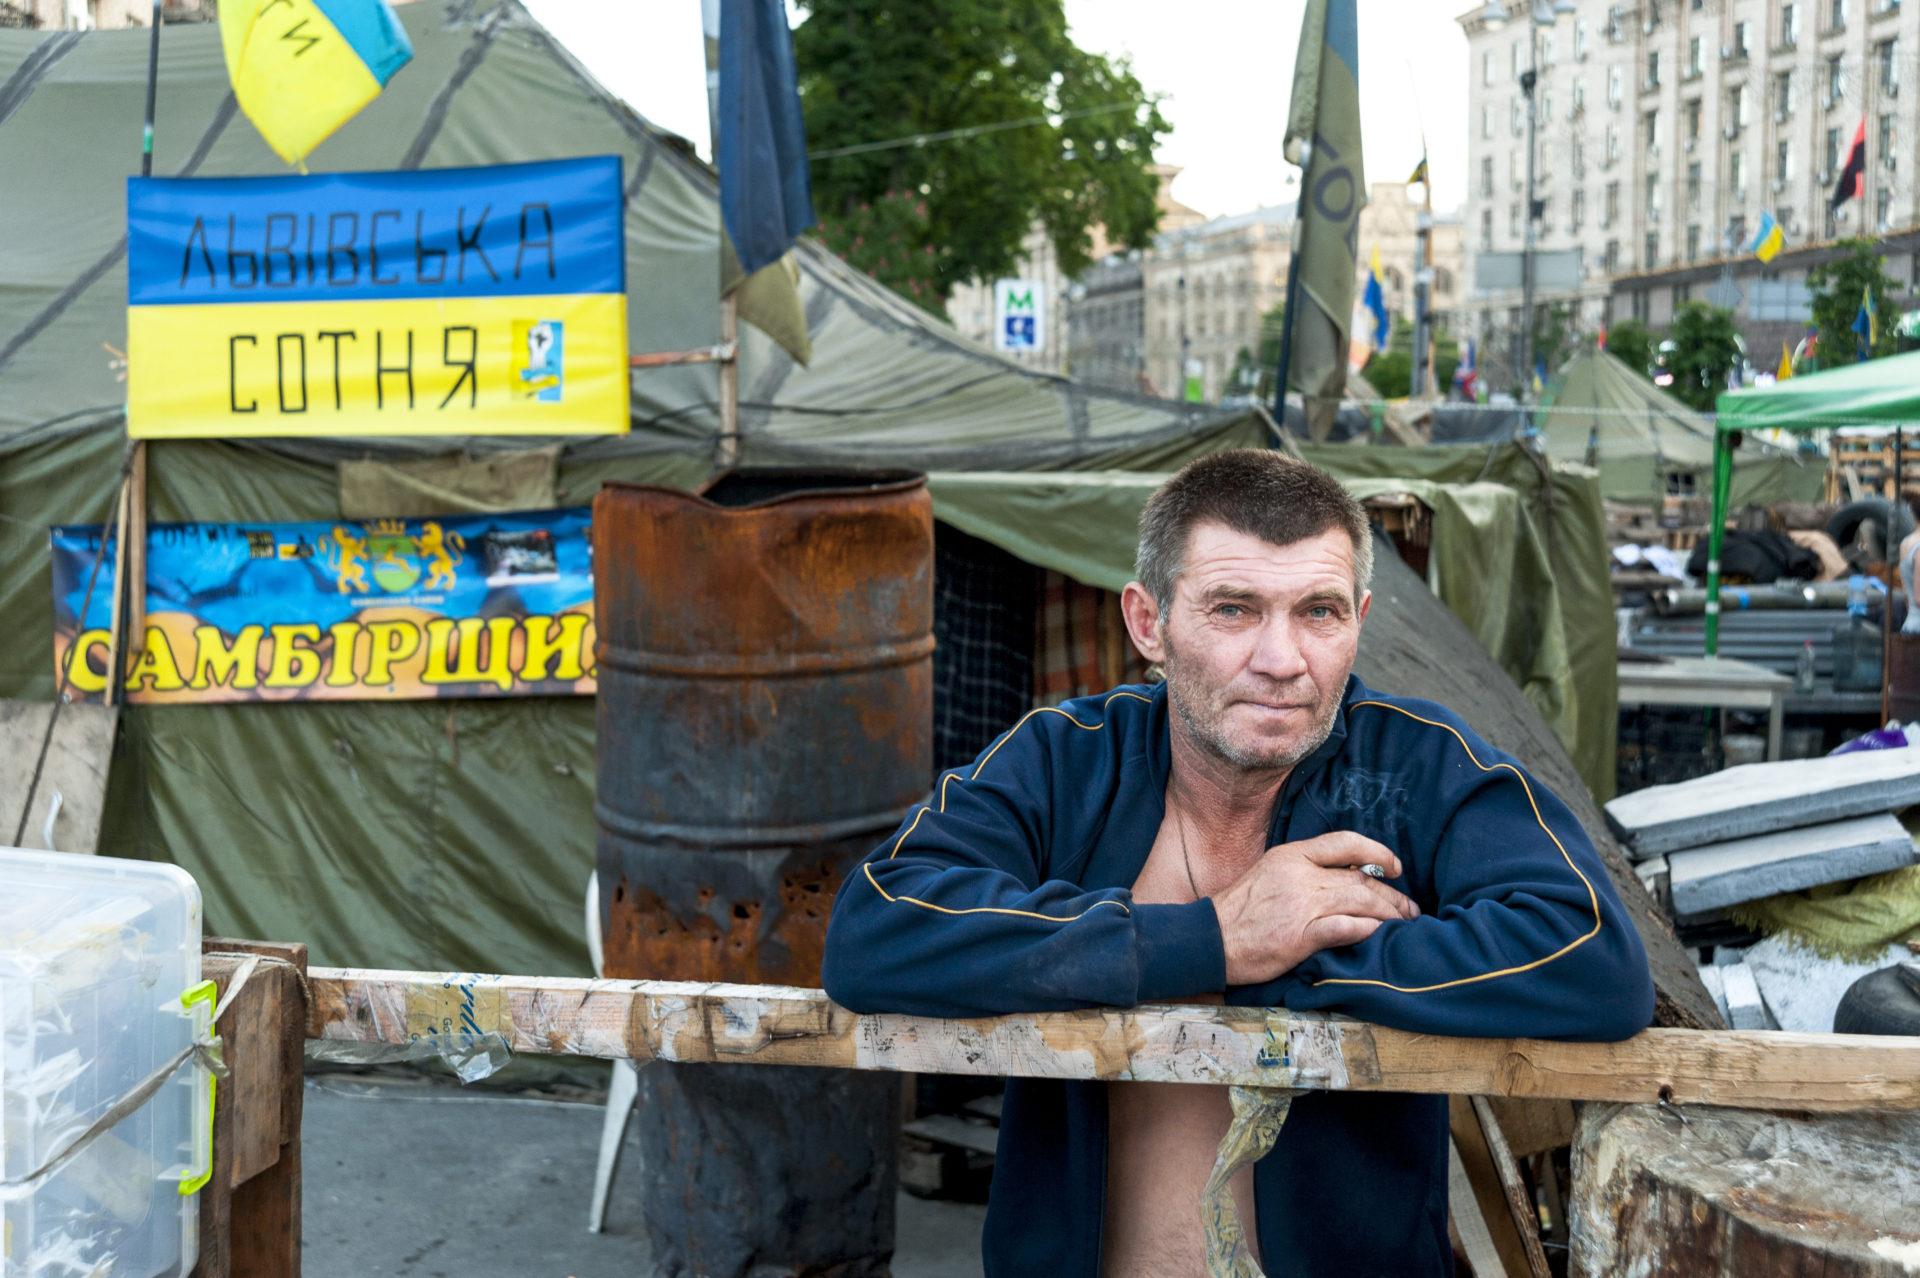 Ukraina, Kiev/Kyiv. Spåren av sammandrabbningarna på det stora, stolta torget Majdan i centrala Kiev var länge tydliga. I dag, 2017, är det mesta bortrensat. Bilden är från maj 2014, då barrikaderna ännu stod på plats innan folket på torget kunde avveckla sin bevakning efter presidentvalet och installationen av chokladmagnaten Petro Porotjenko. Mannen på bilden kallade sig Alexander, och hade kommit till huvudstaden och Maydan från staden Lviv, alldeles intill den polska gränsen. Han slogs mot polis och paramilitära trupper för att på så sätt avsätta den förra makten. Foto: Johan Lindstén